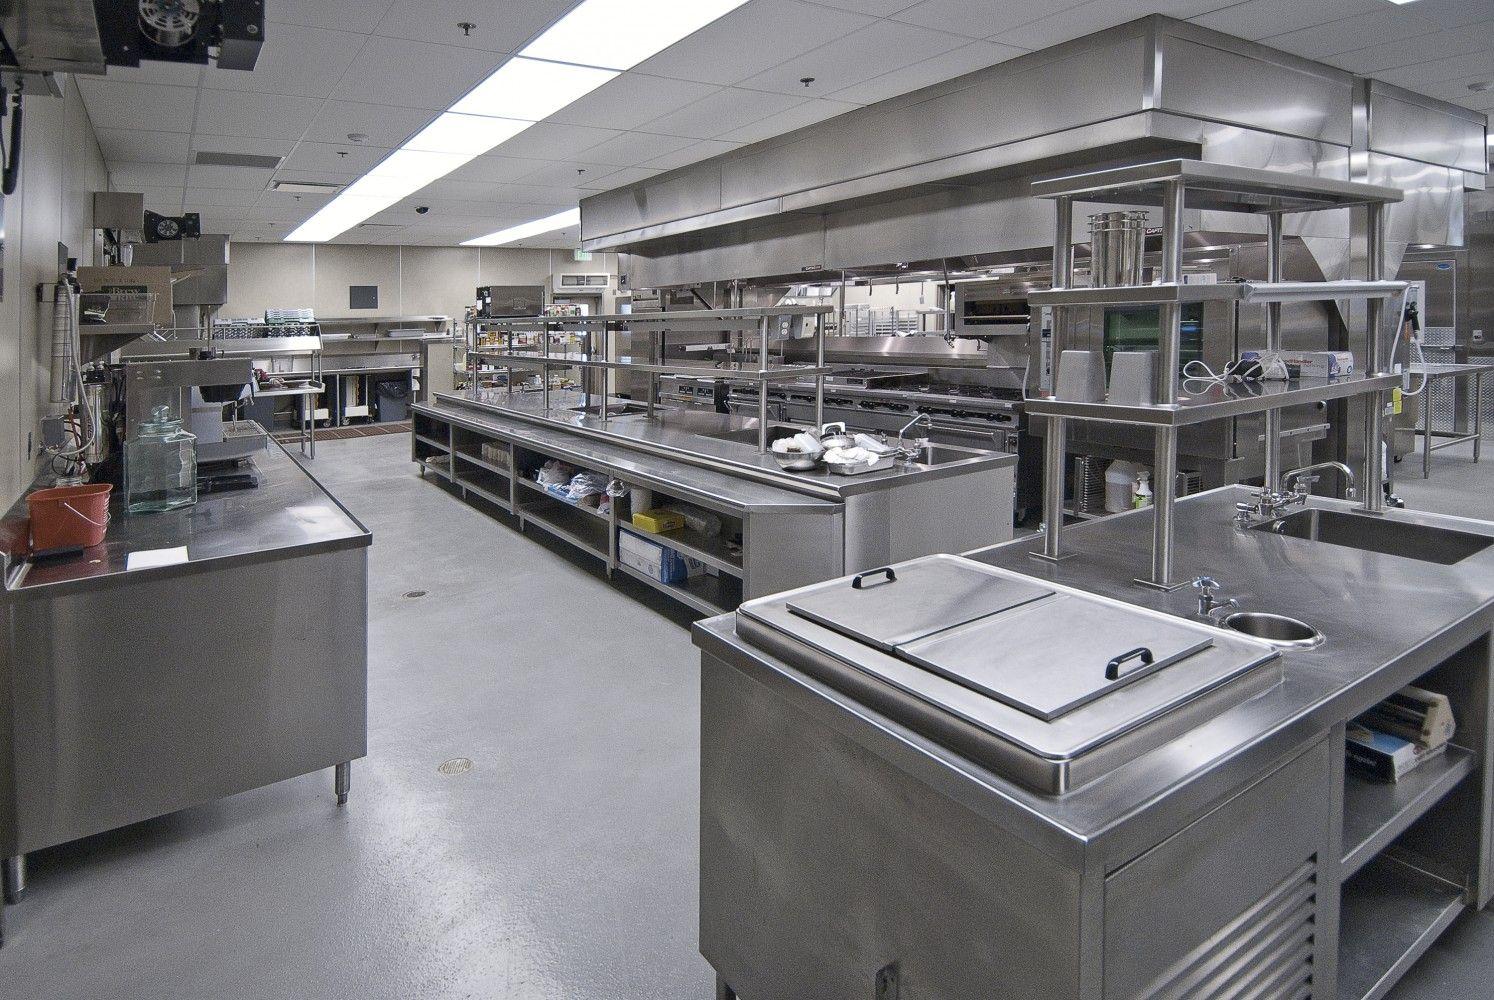 Professionelle Küche Versorgt Dies ist die neueste ...